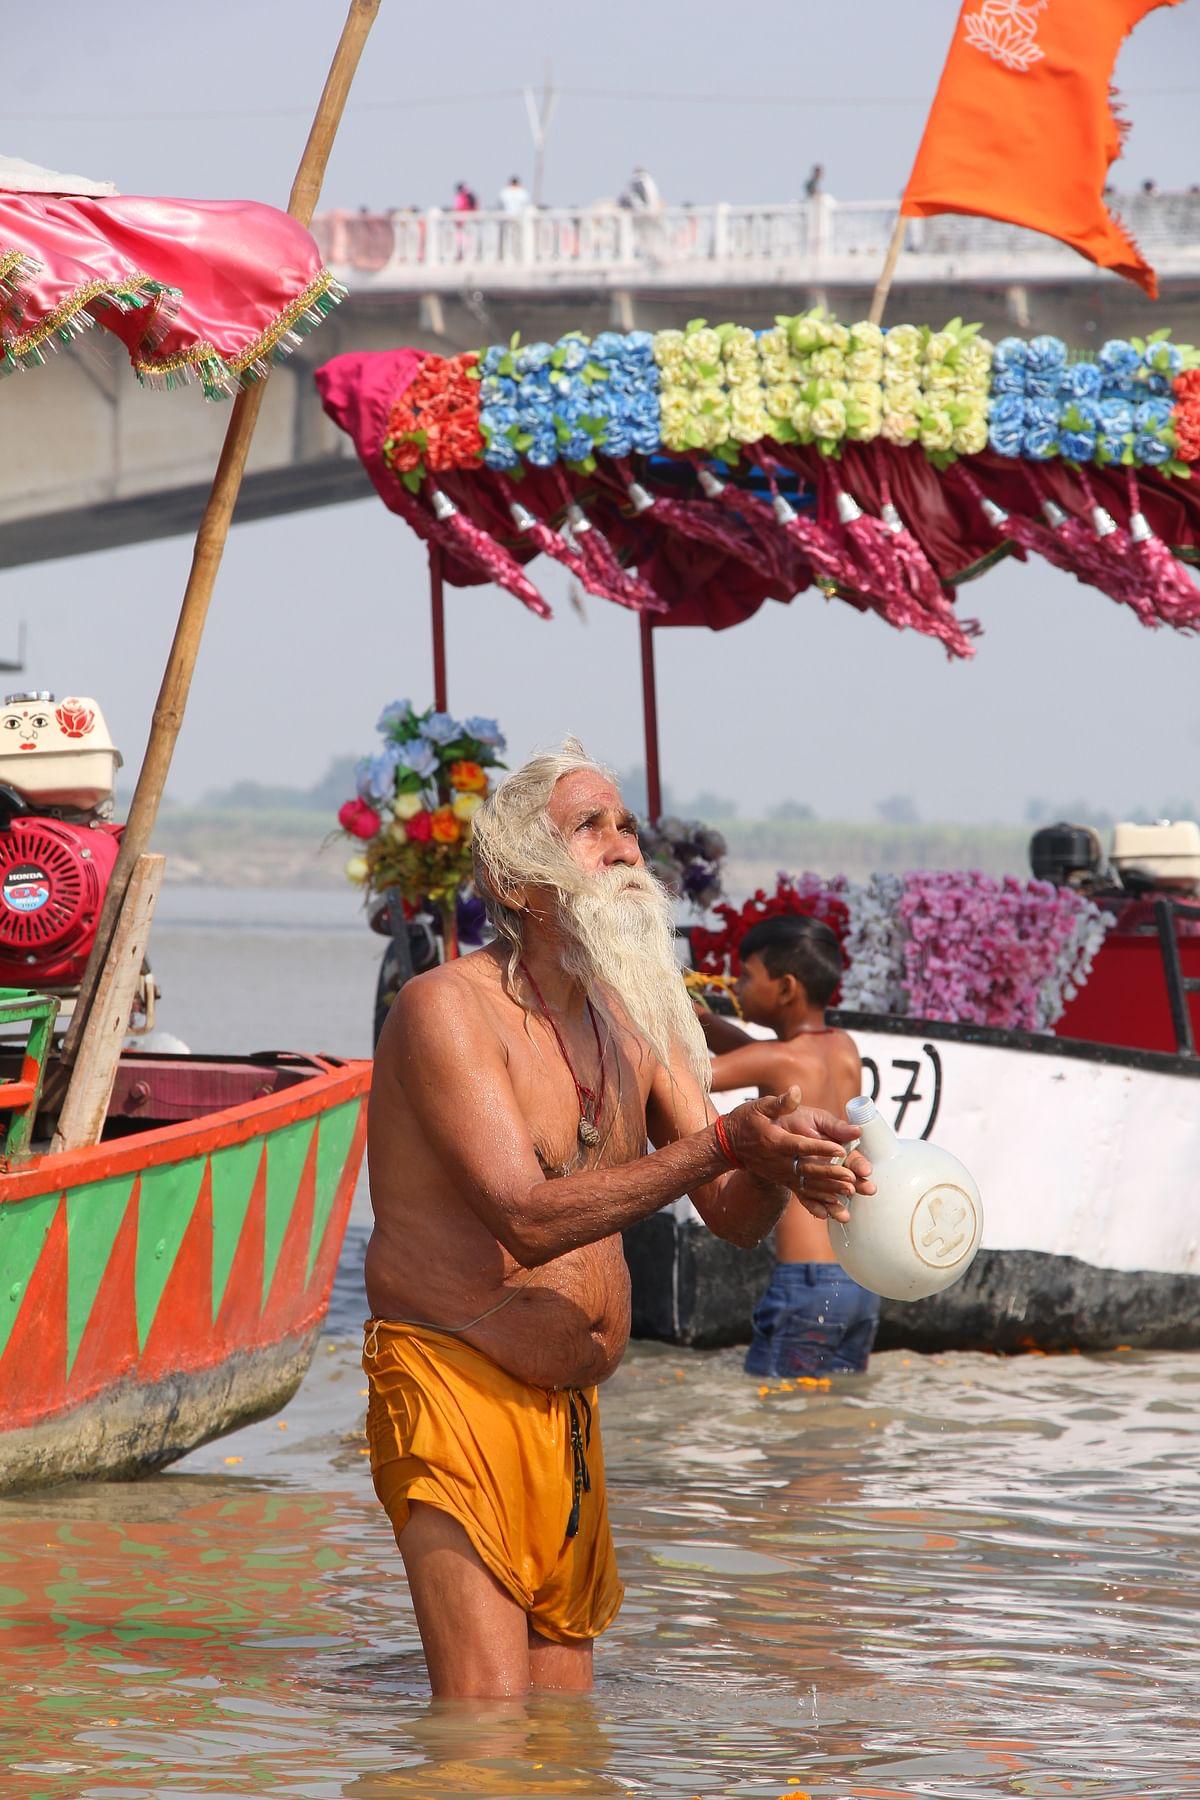 சரயு நதியில் நீராடியபடி சூரியனை வழிபடும் சந்நியாசி